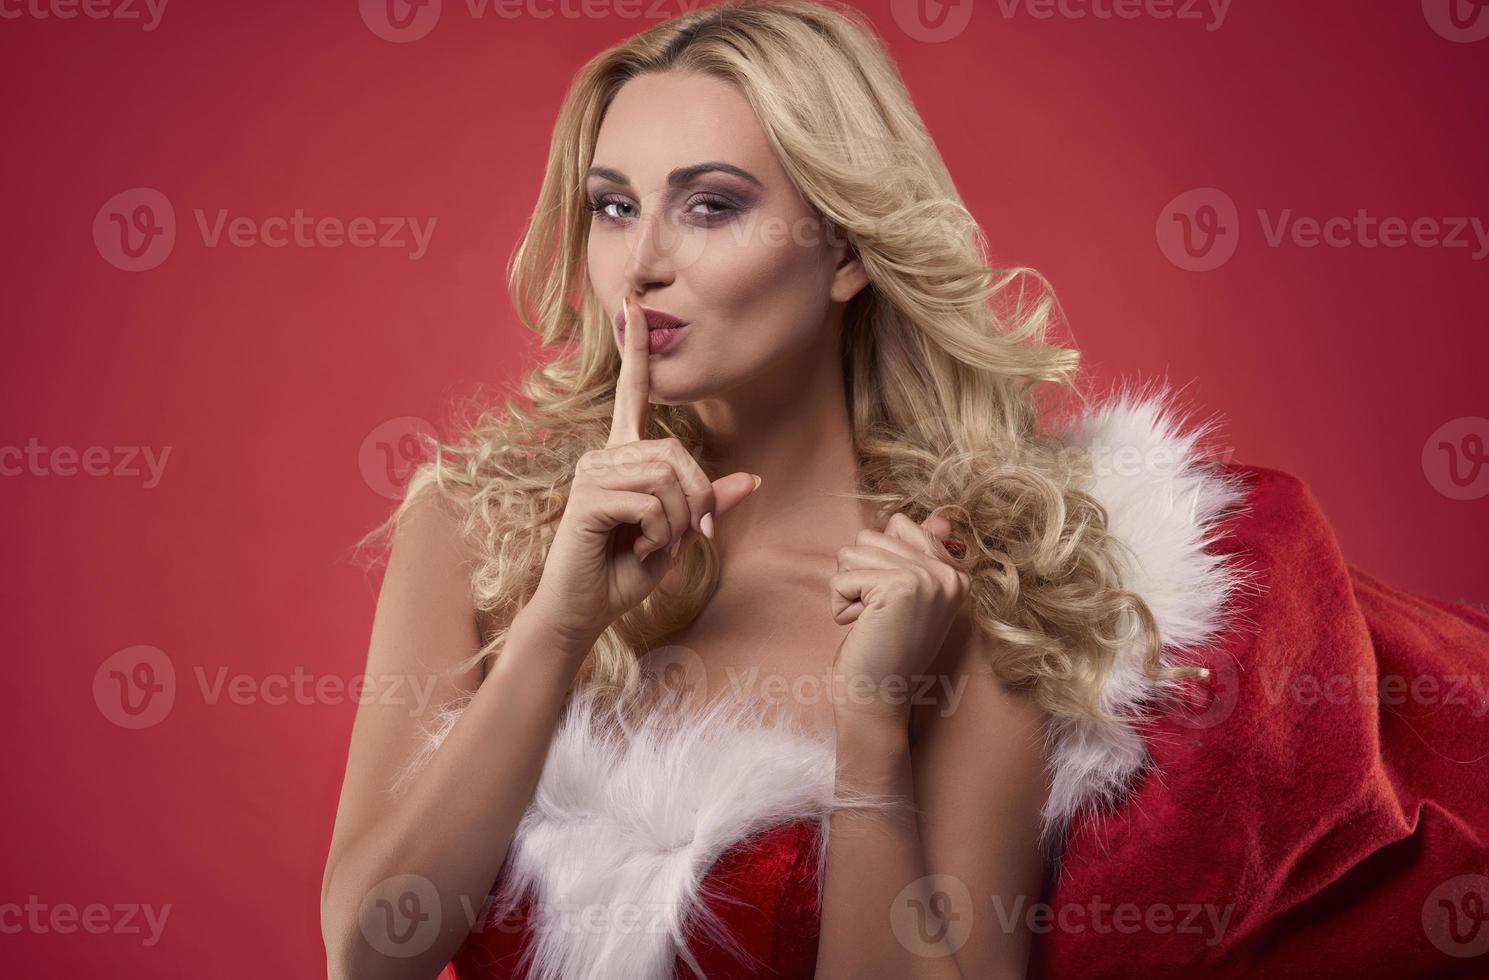 I've left you something under the Christmas tree photo